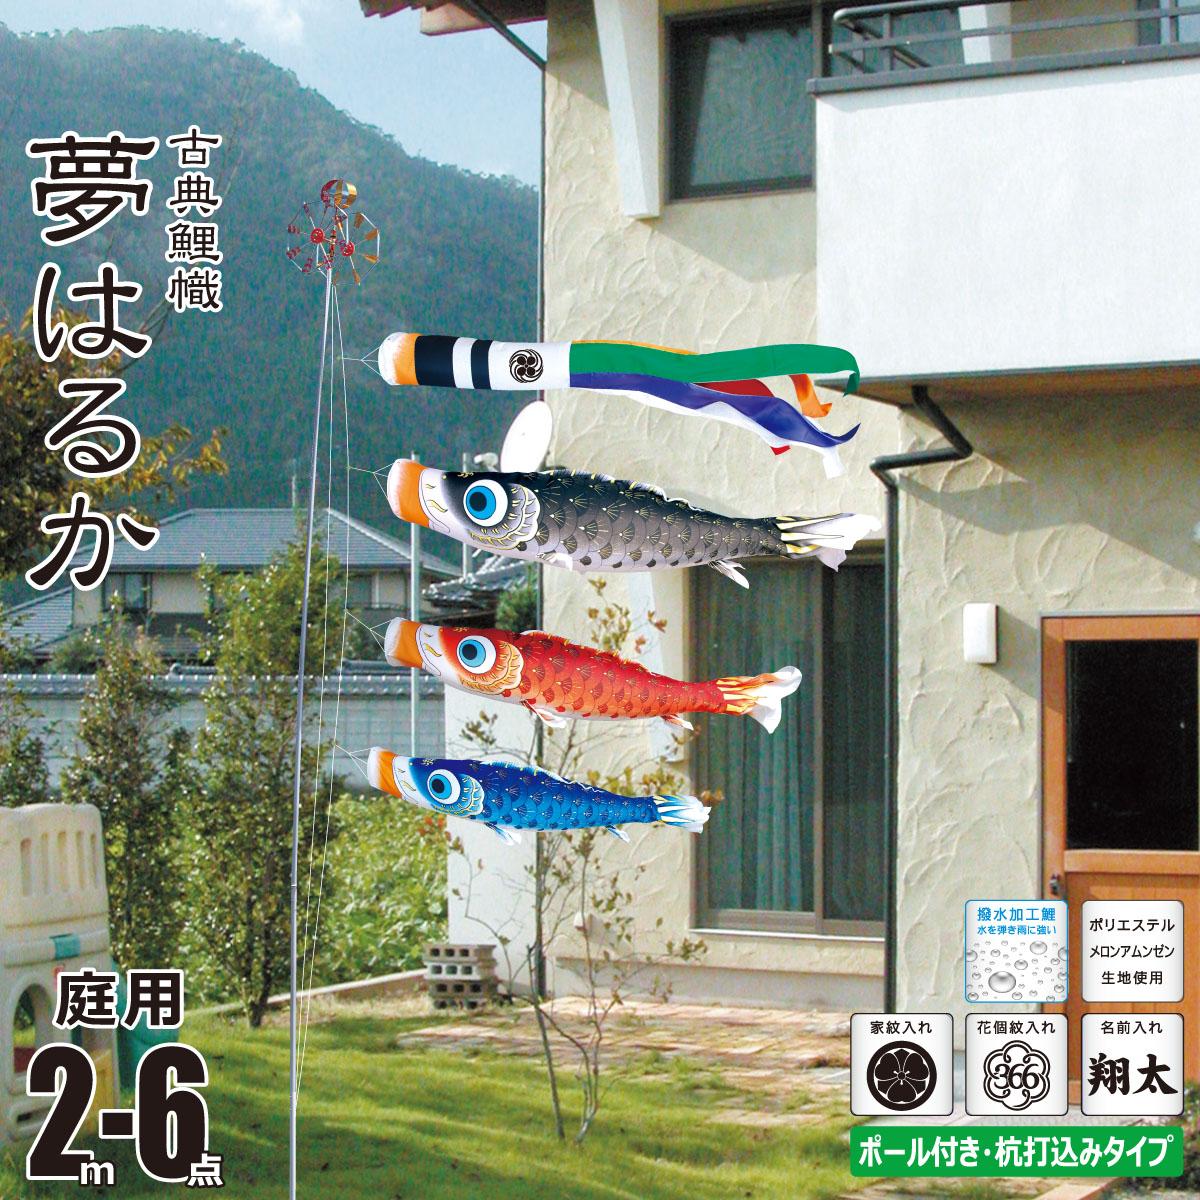 こいのぼり 2m 夢はるか 6点 (矢車、ロープ、吹流し、鯉3匹) 庭園用 ガーデンセット (専用ポール一式) 徳永鯉のぼり KIT-118-540